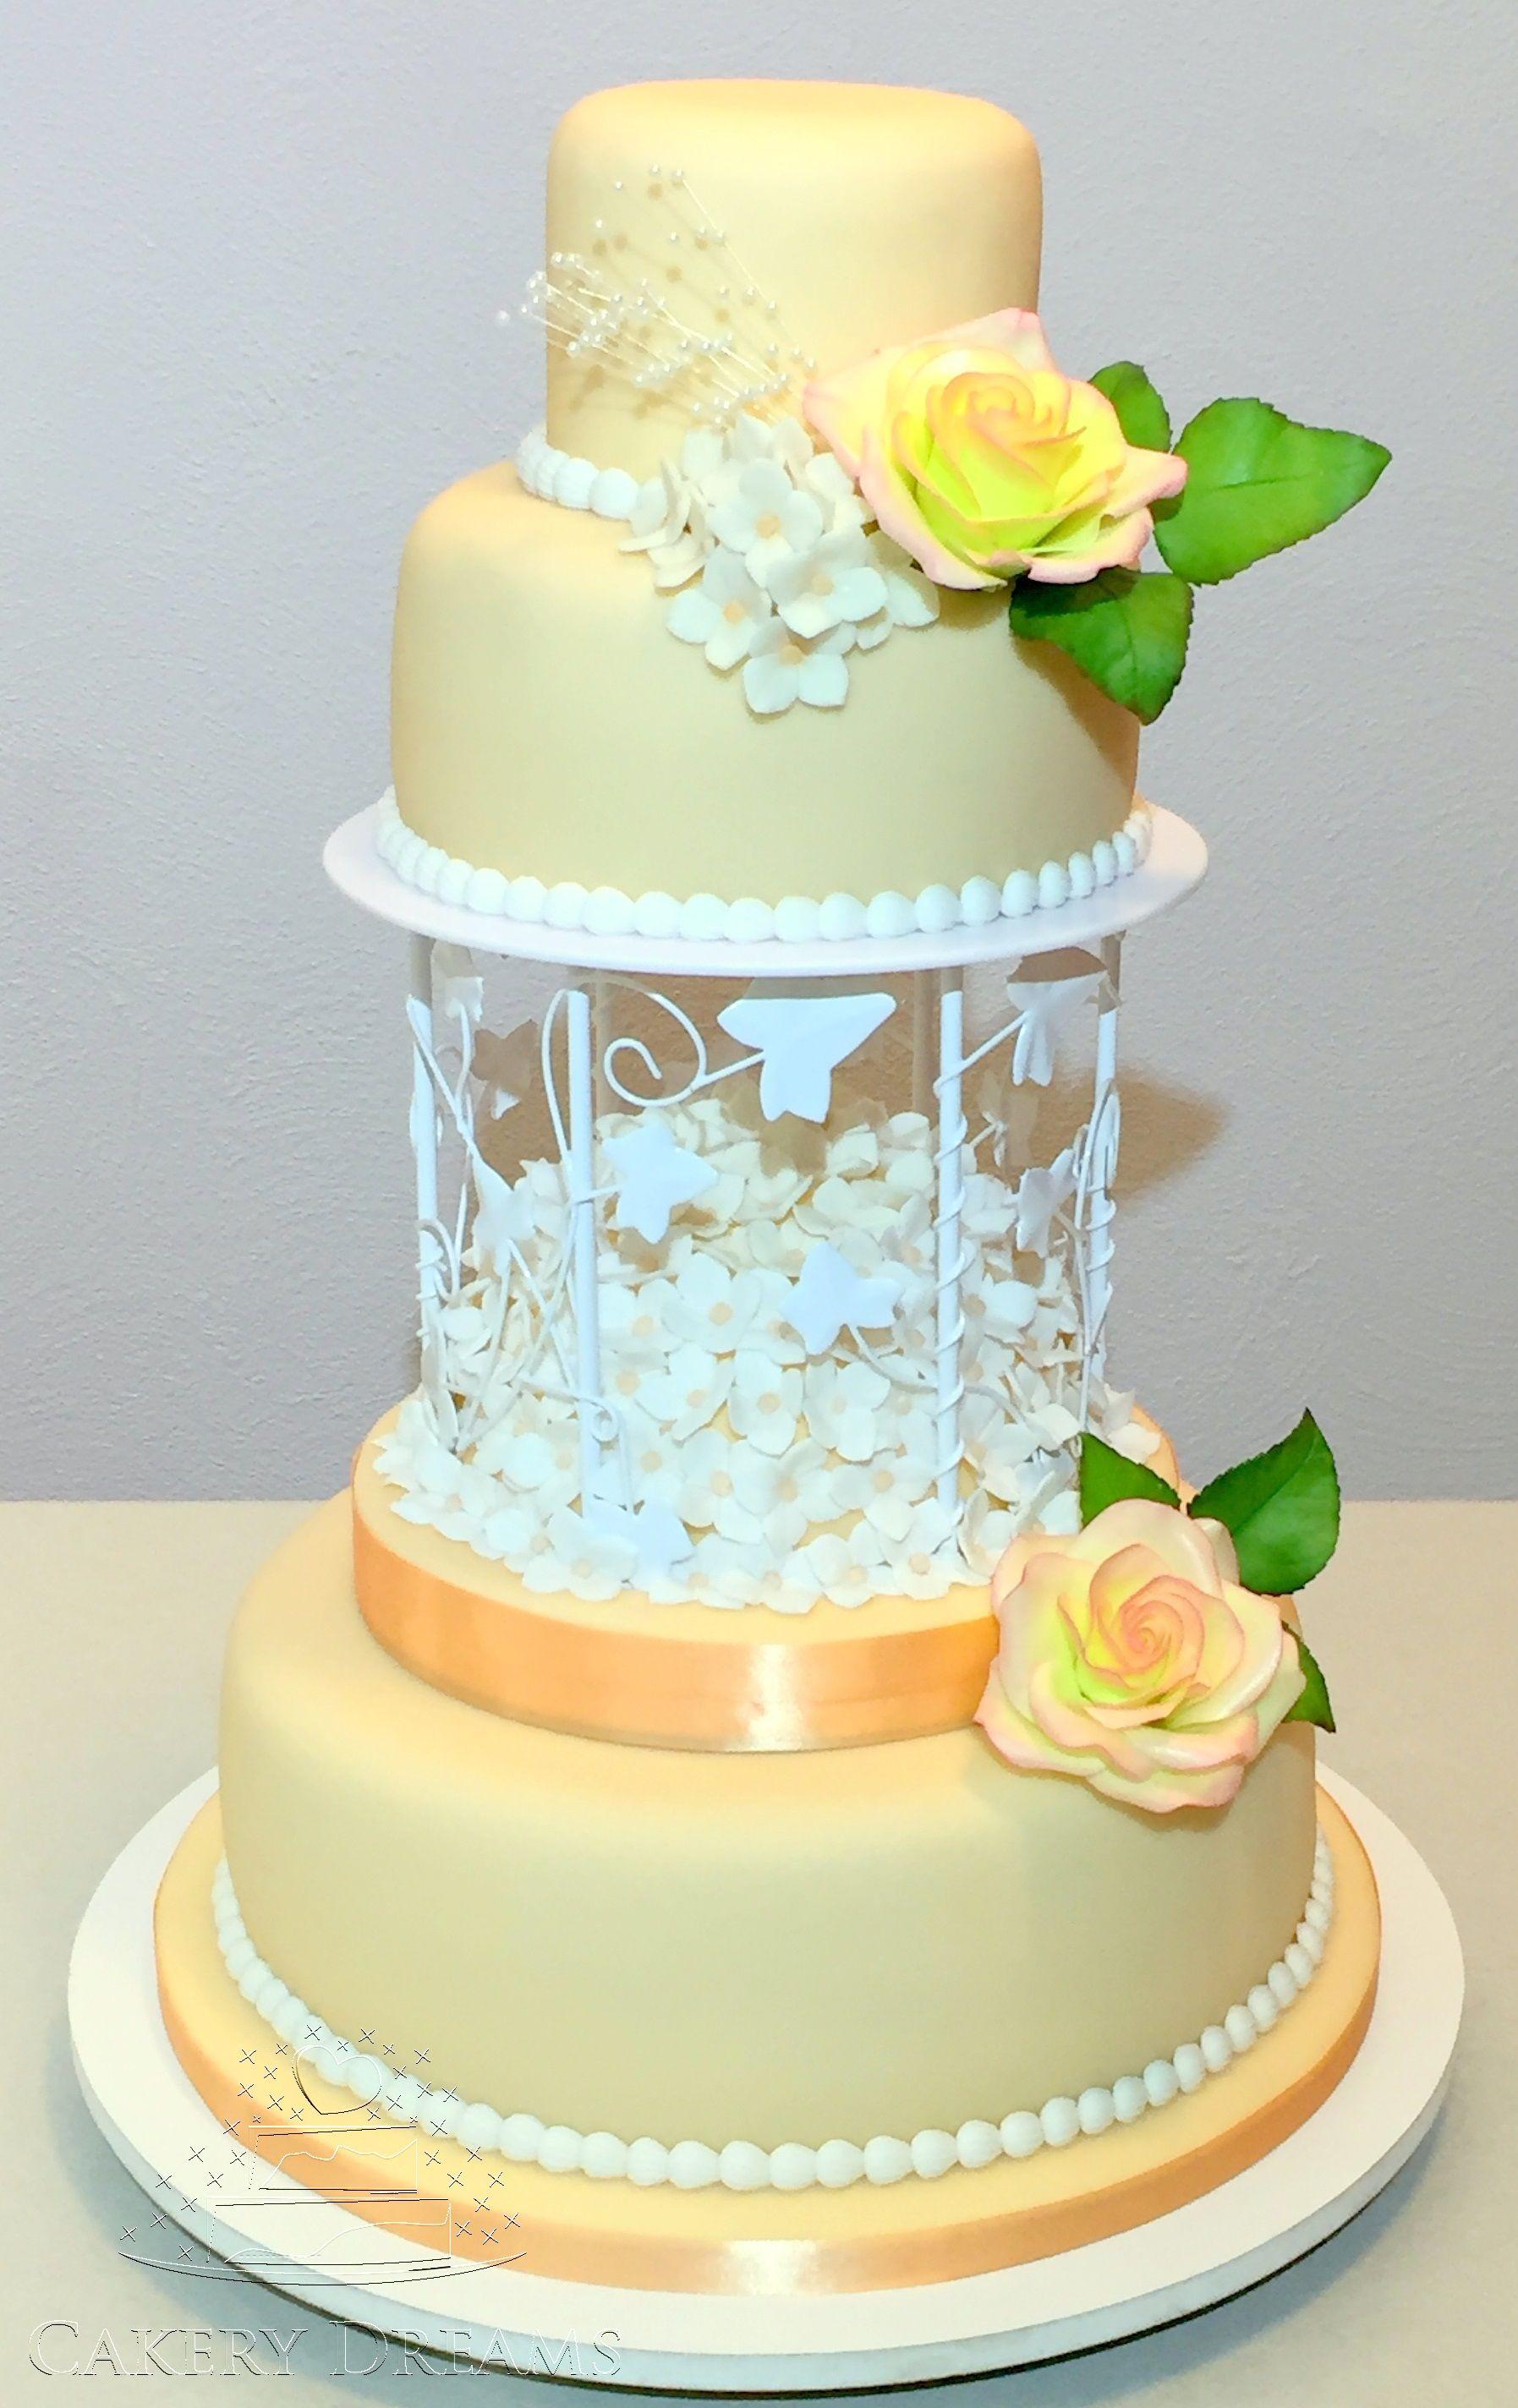 Die Tochter einer lieben Freundin wird heute heiraten und ich durfte die Hochzeitstorte für sie machen… sie war eigentlich relativ anspruchslos, was das Design betrifft. ;) #hochzeitstorten #fondant-torten #wedding #cake #torten #fondant